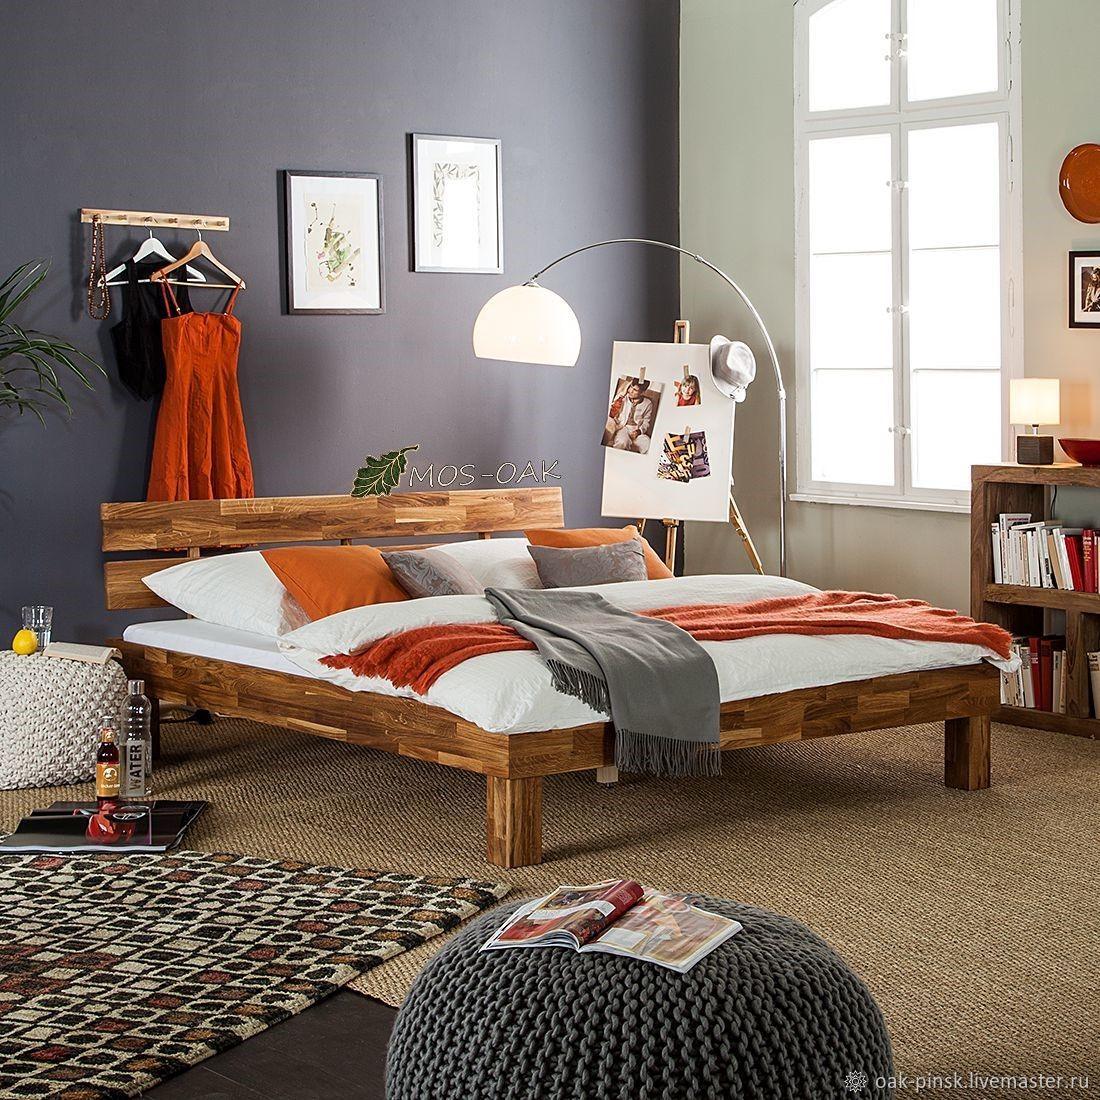 Кровать Judith из массива дуба, Кровати, Пинск,  Фото №1